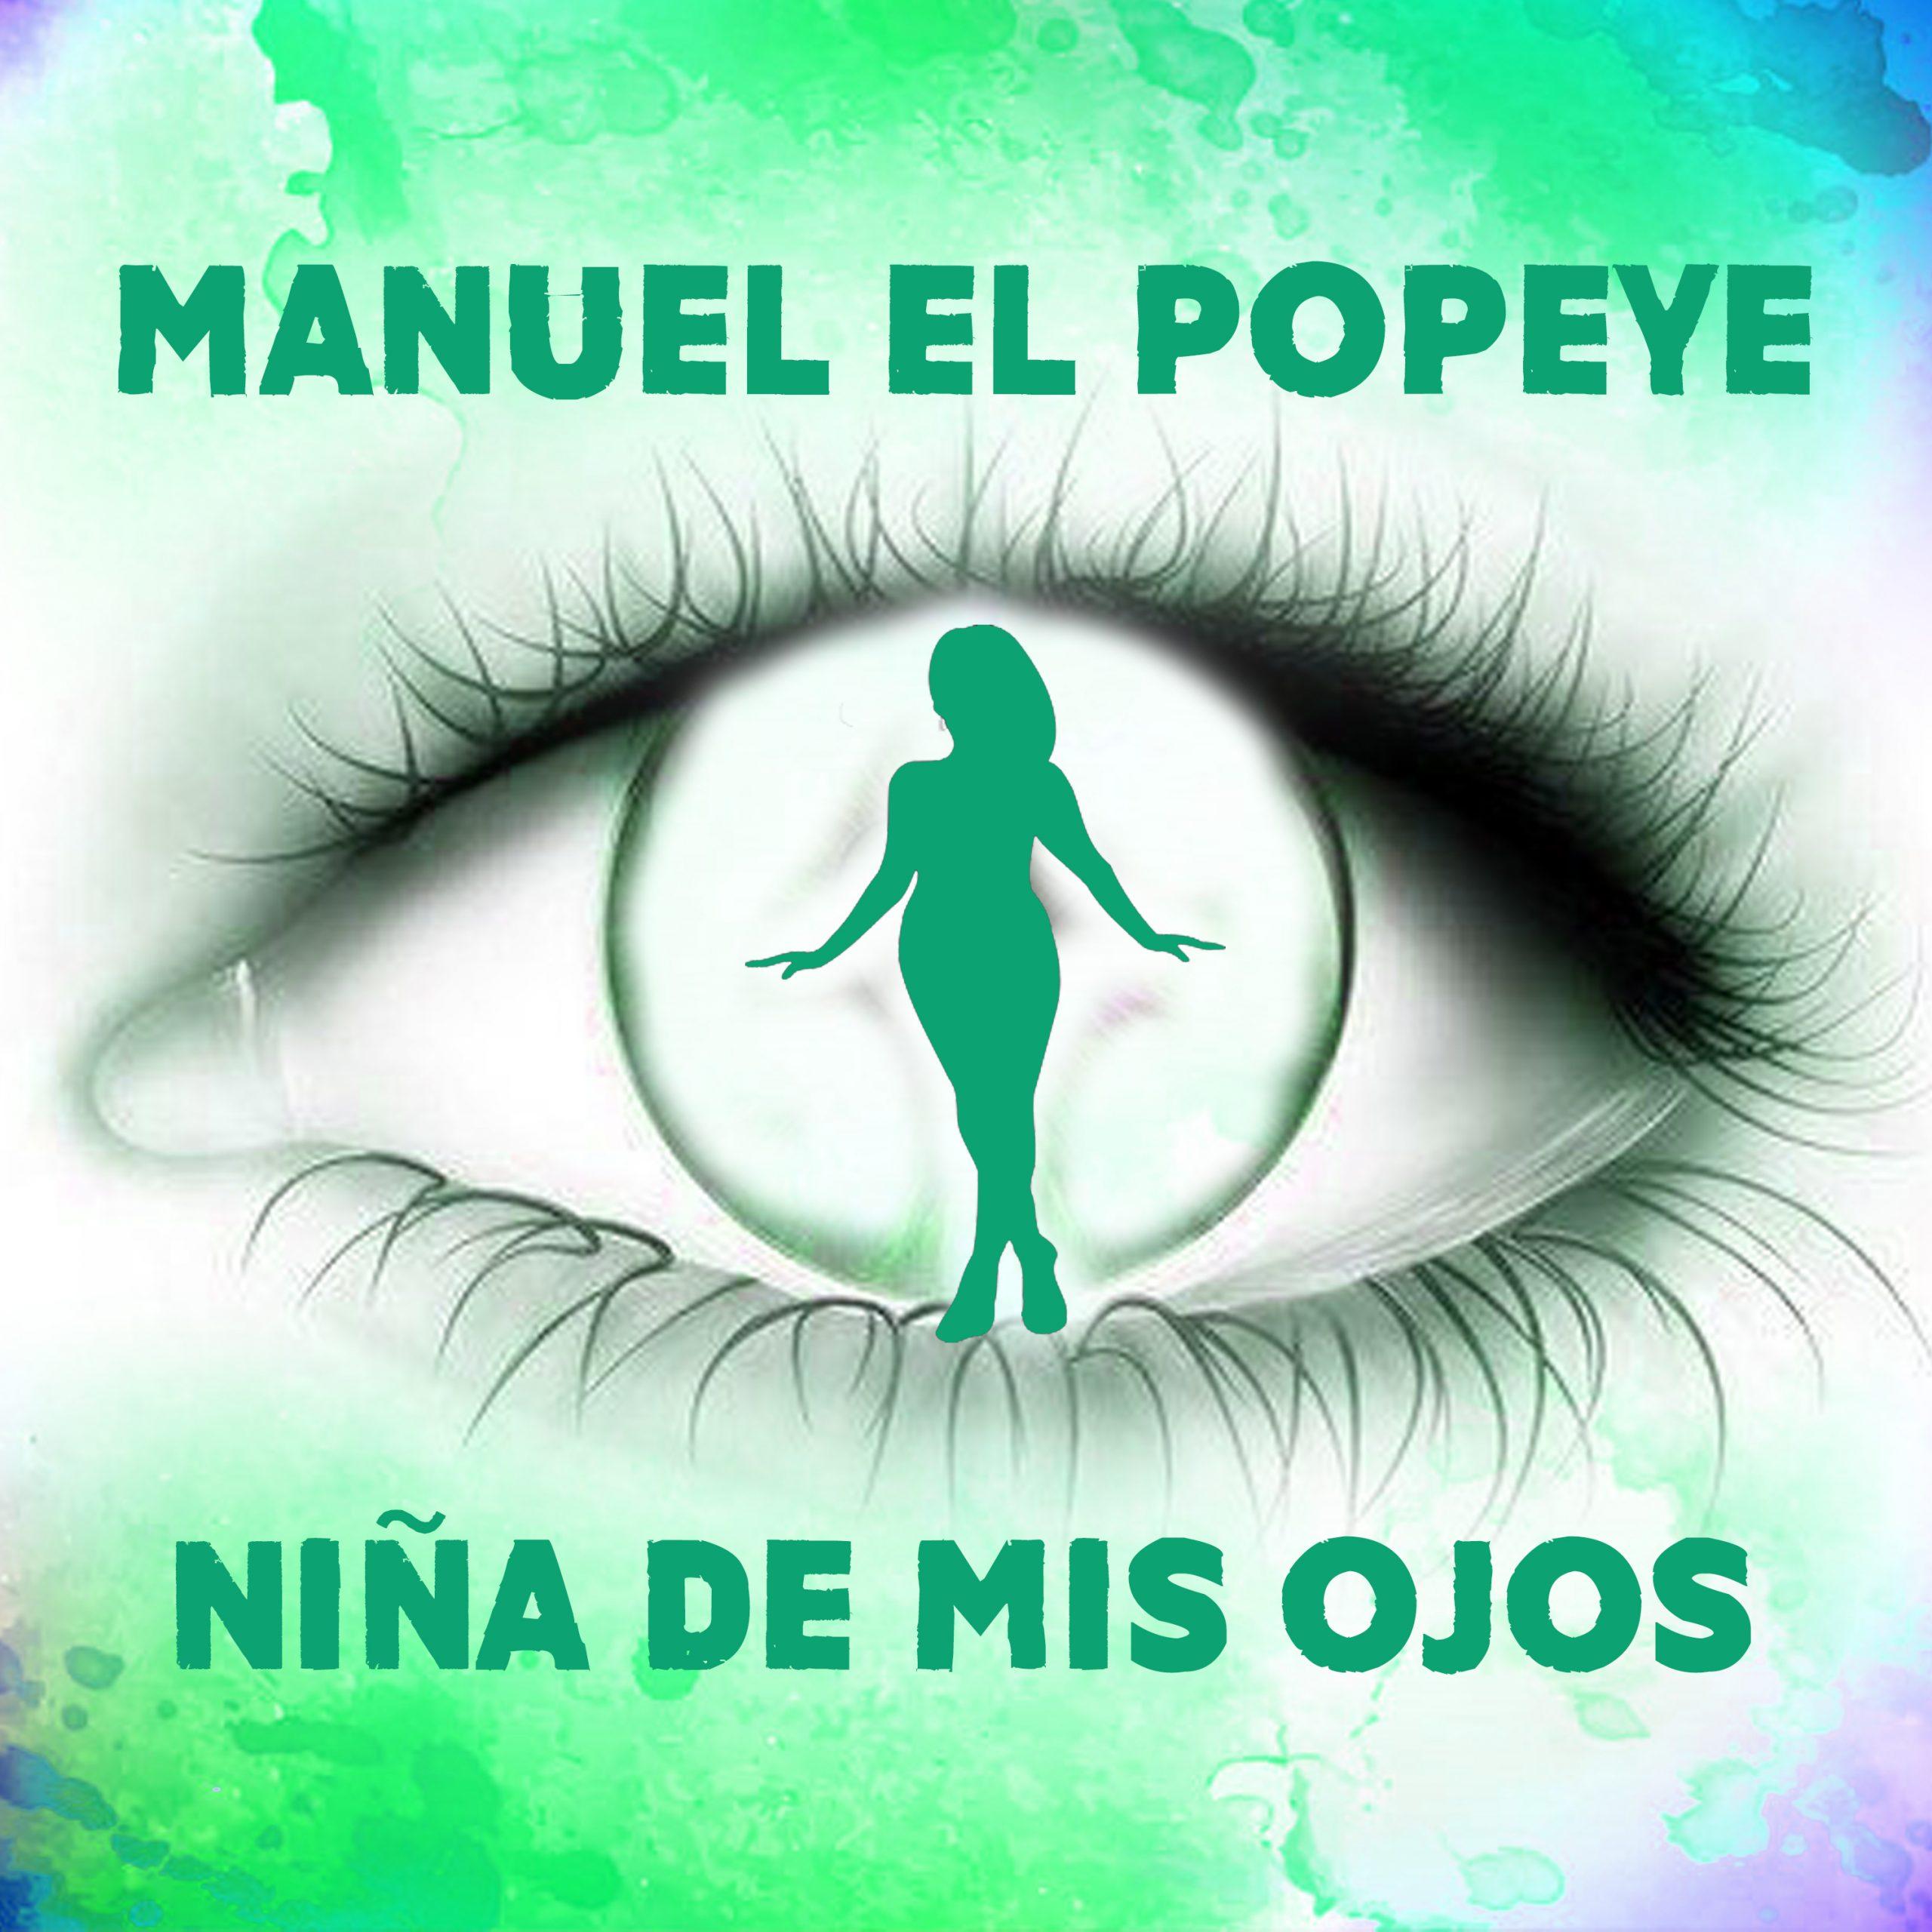 Manuel El Popeye - Niña de mis ojos (Video)